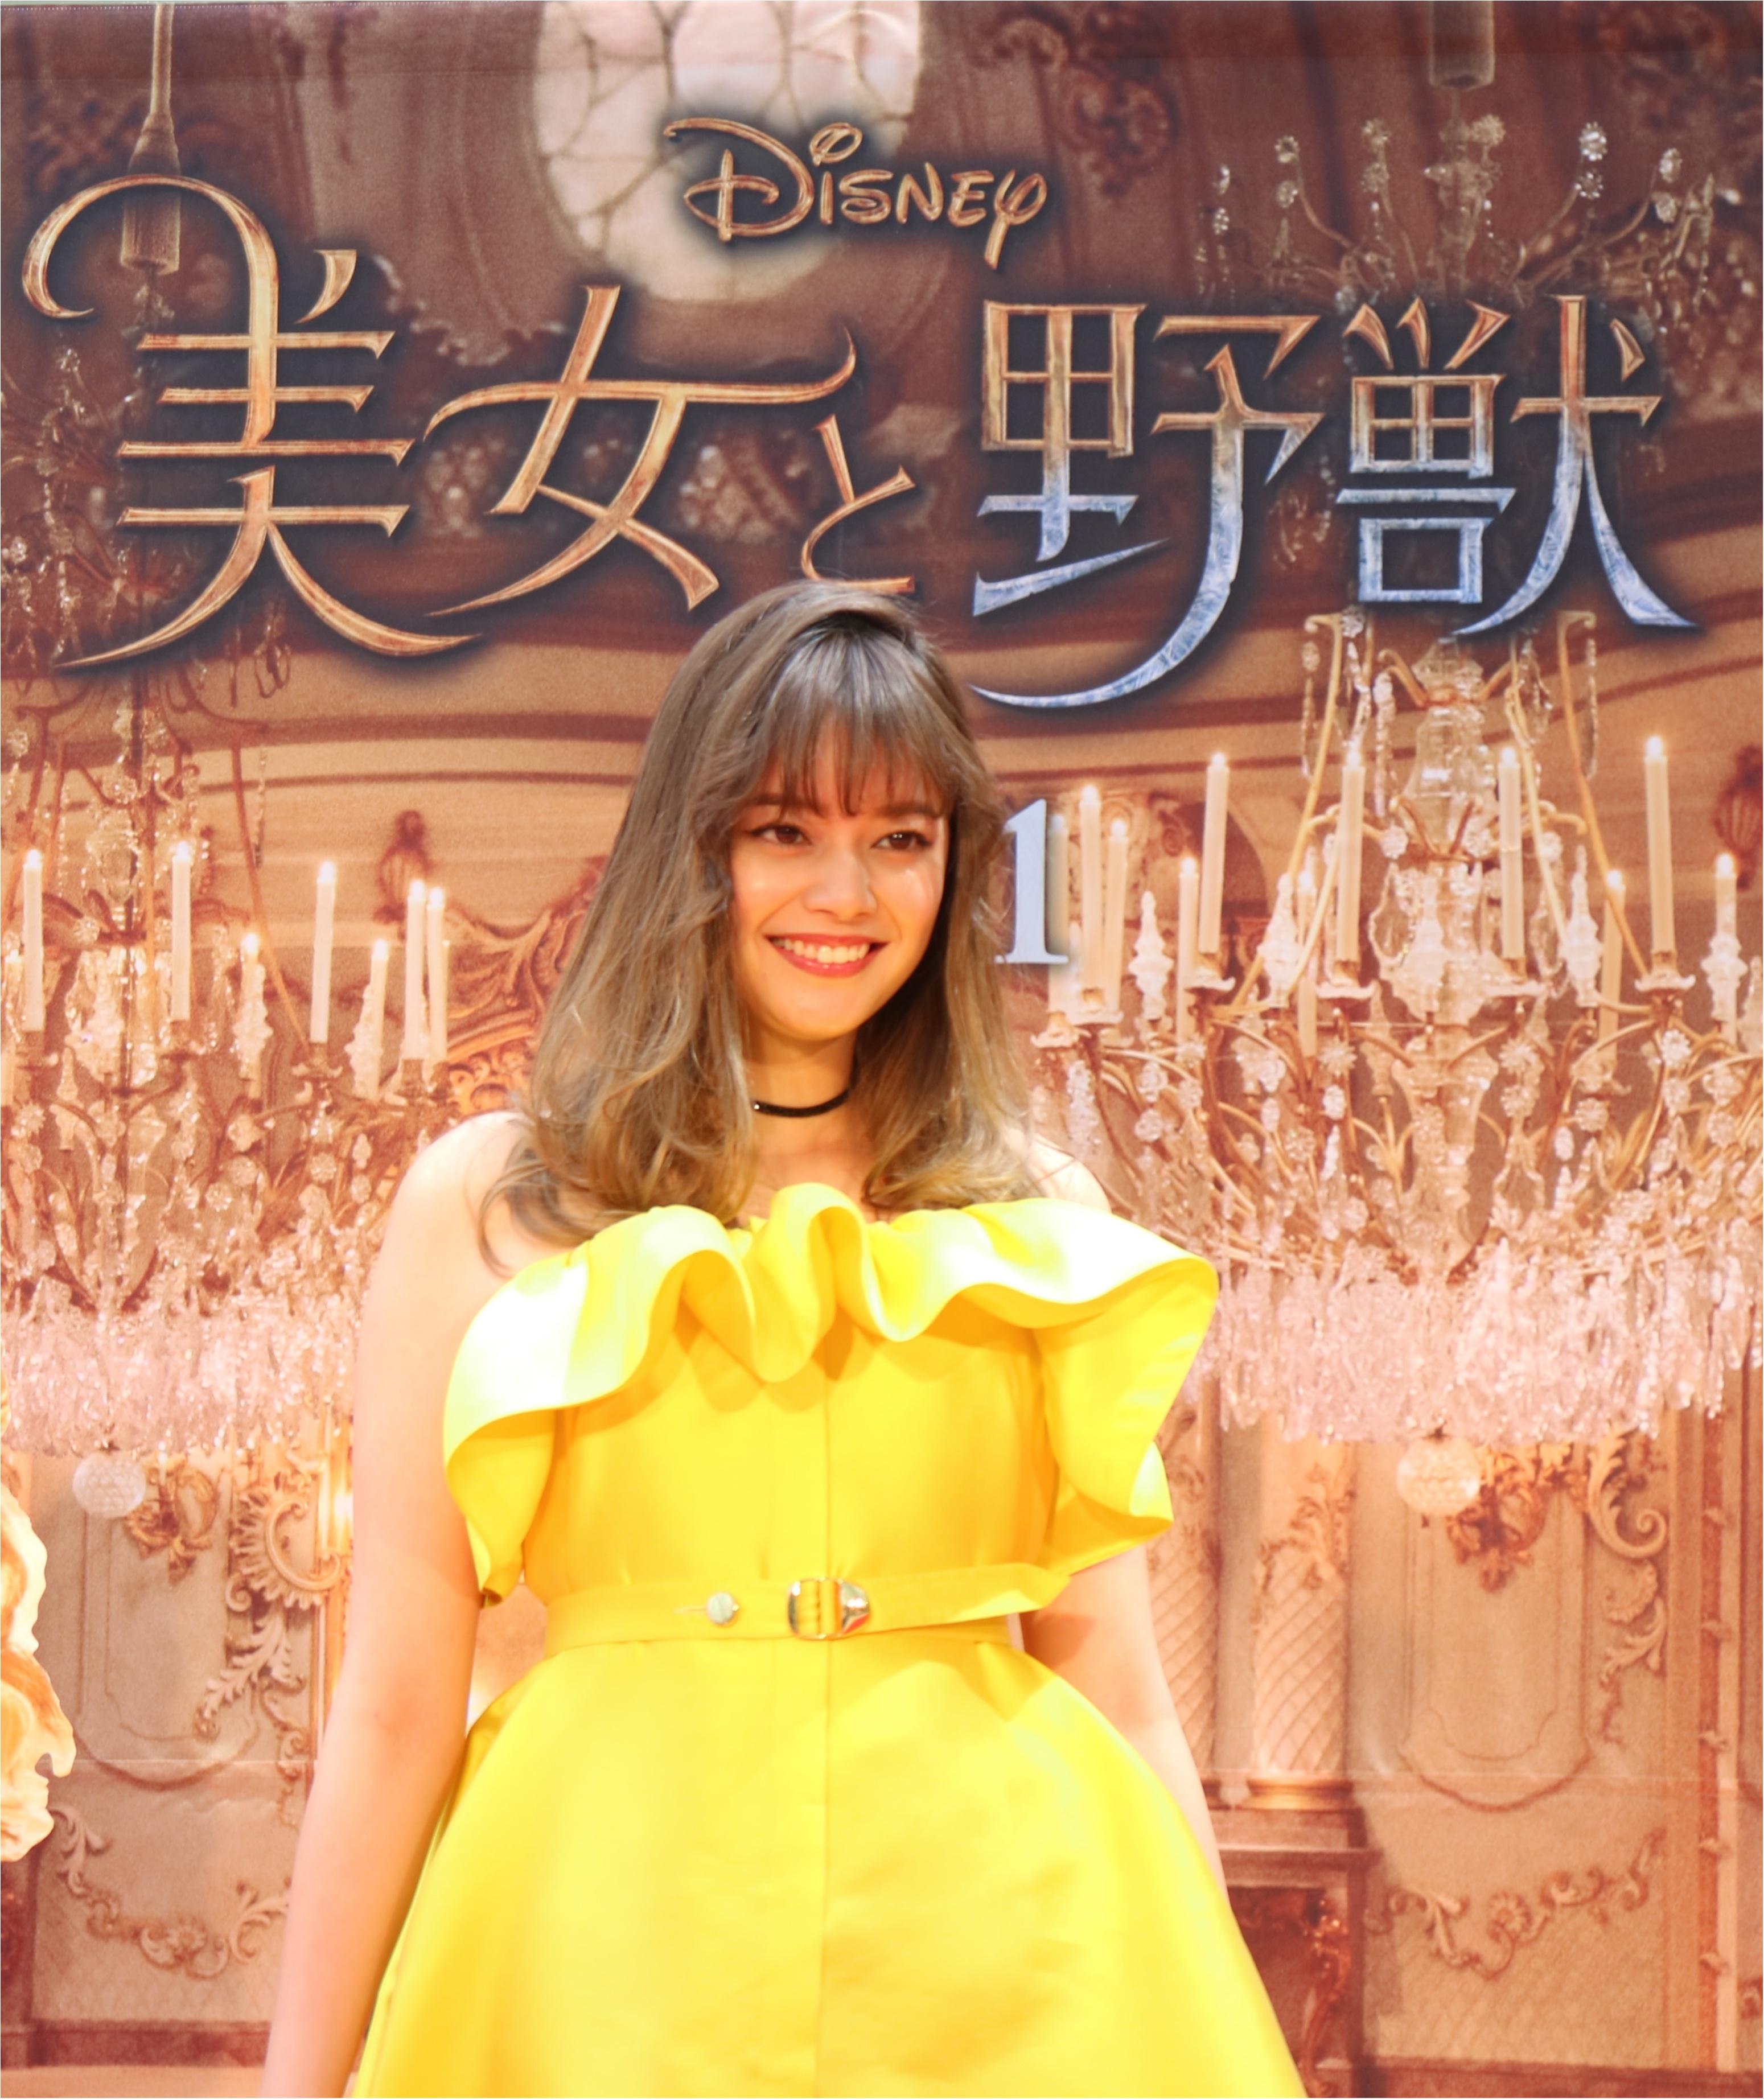 岸本セシルが映画『美女と野獣』レッドカーペットに登場! ベルイエローのドレス姿が美しすぎる♡_2